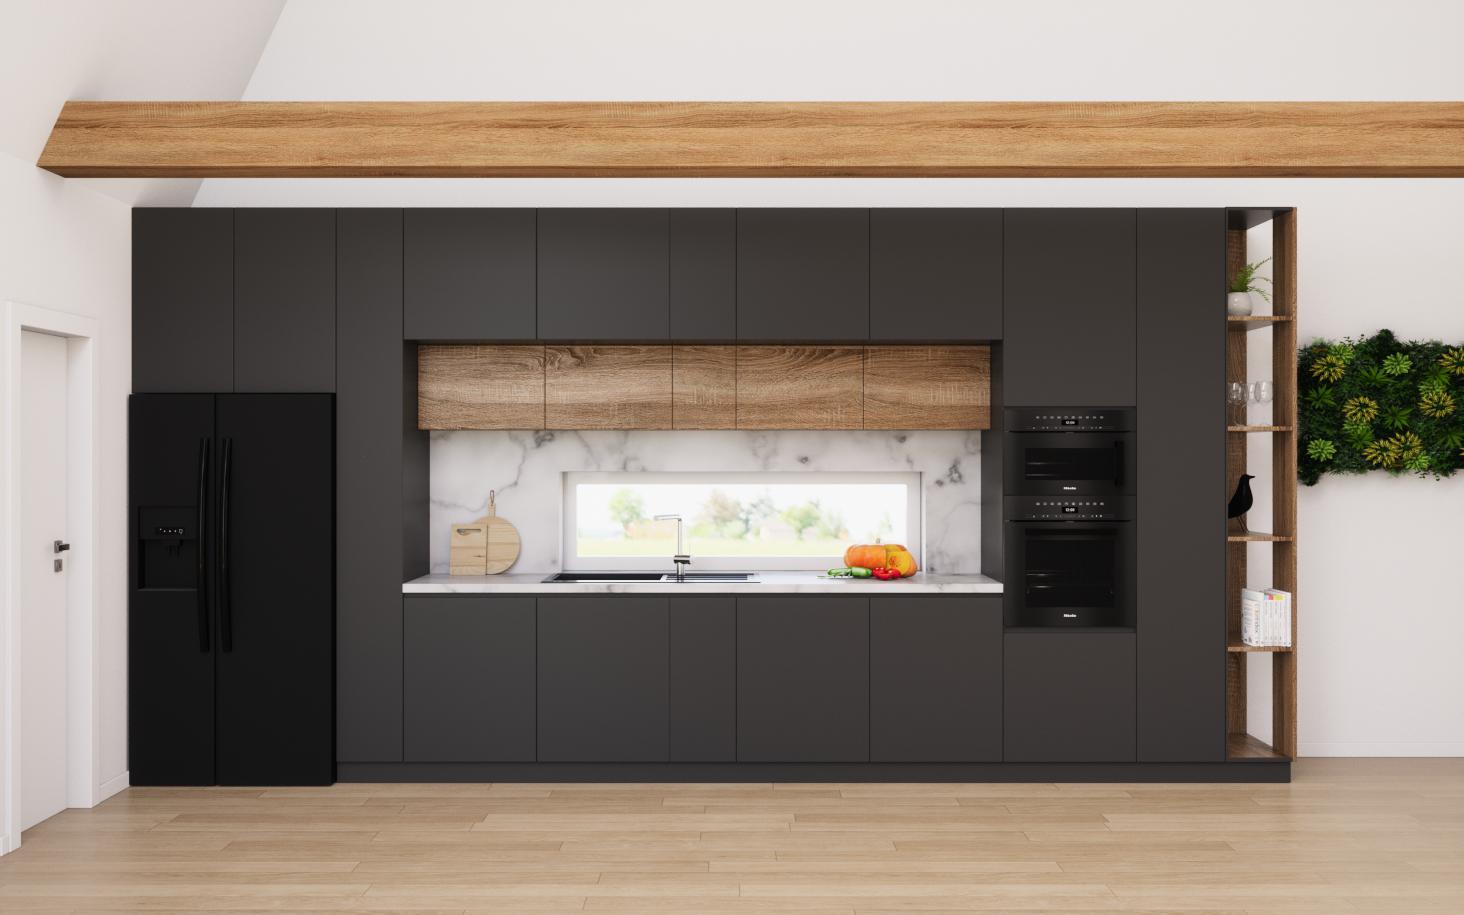 Vizualizacia kuchyna a obyvacka :-) - Obrázok č. 3